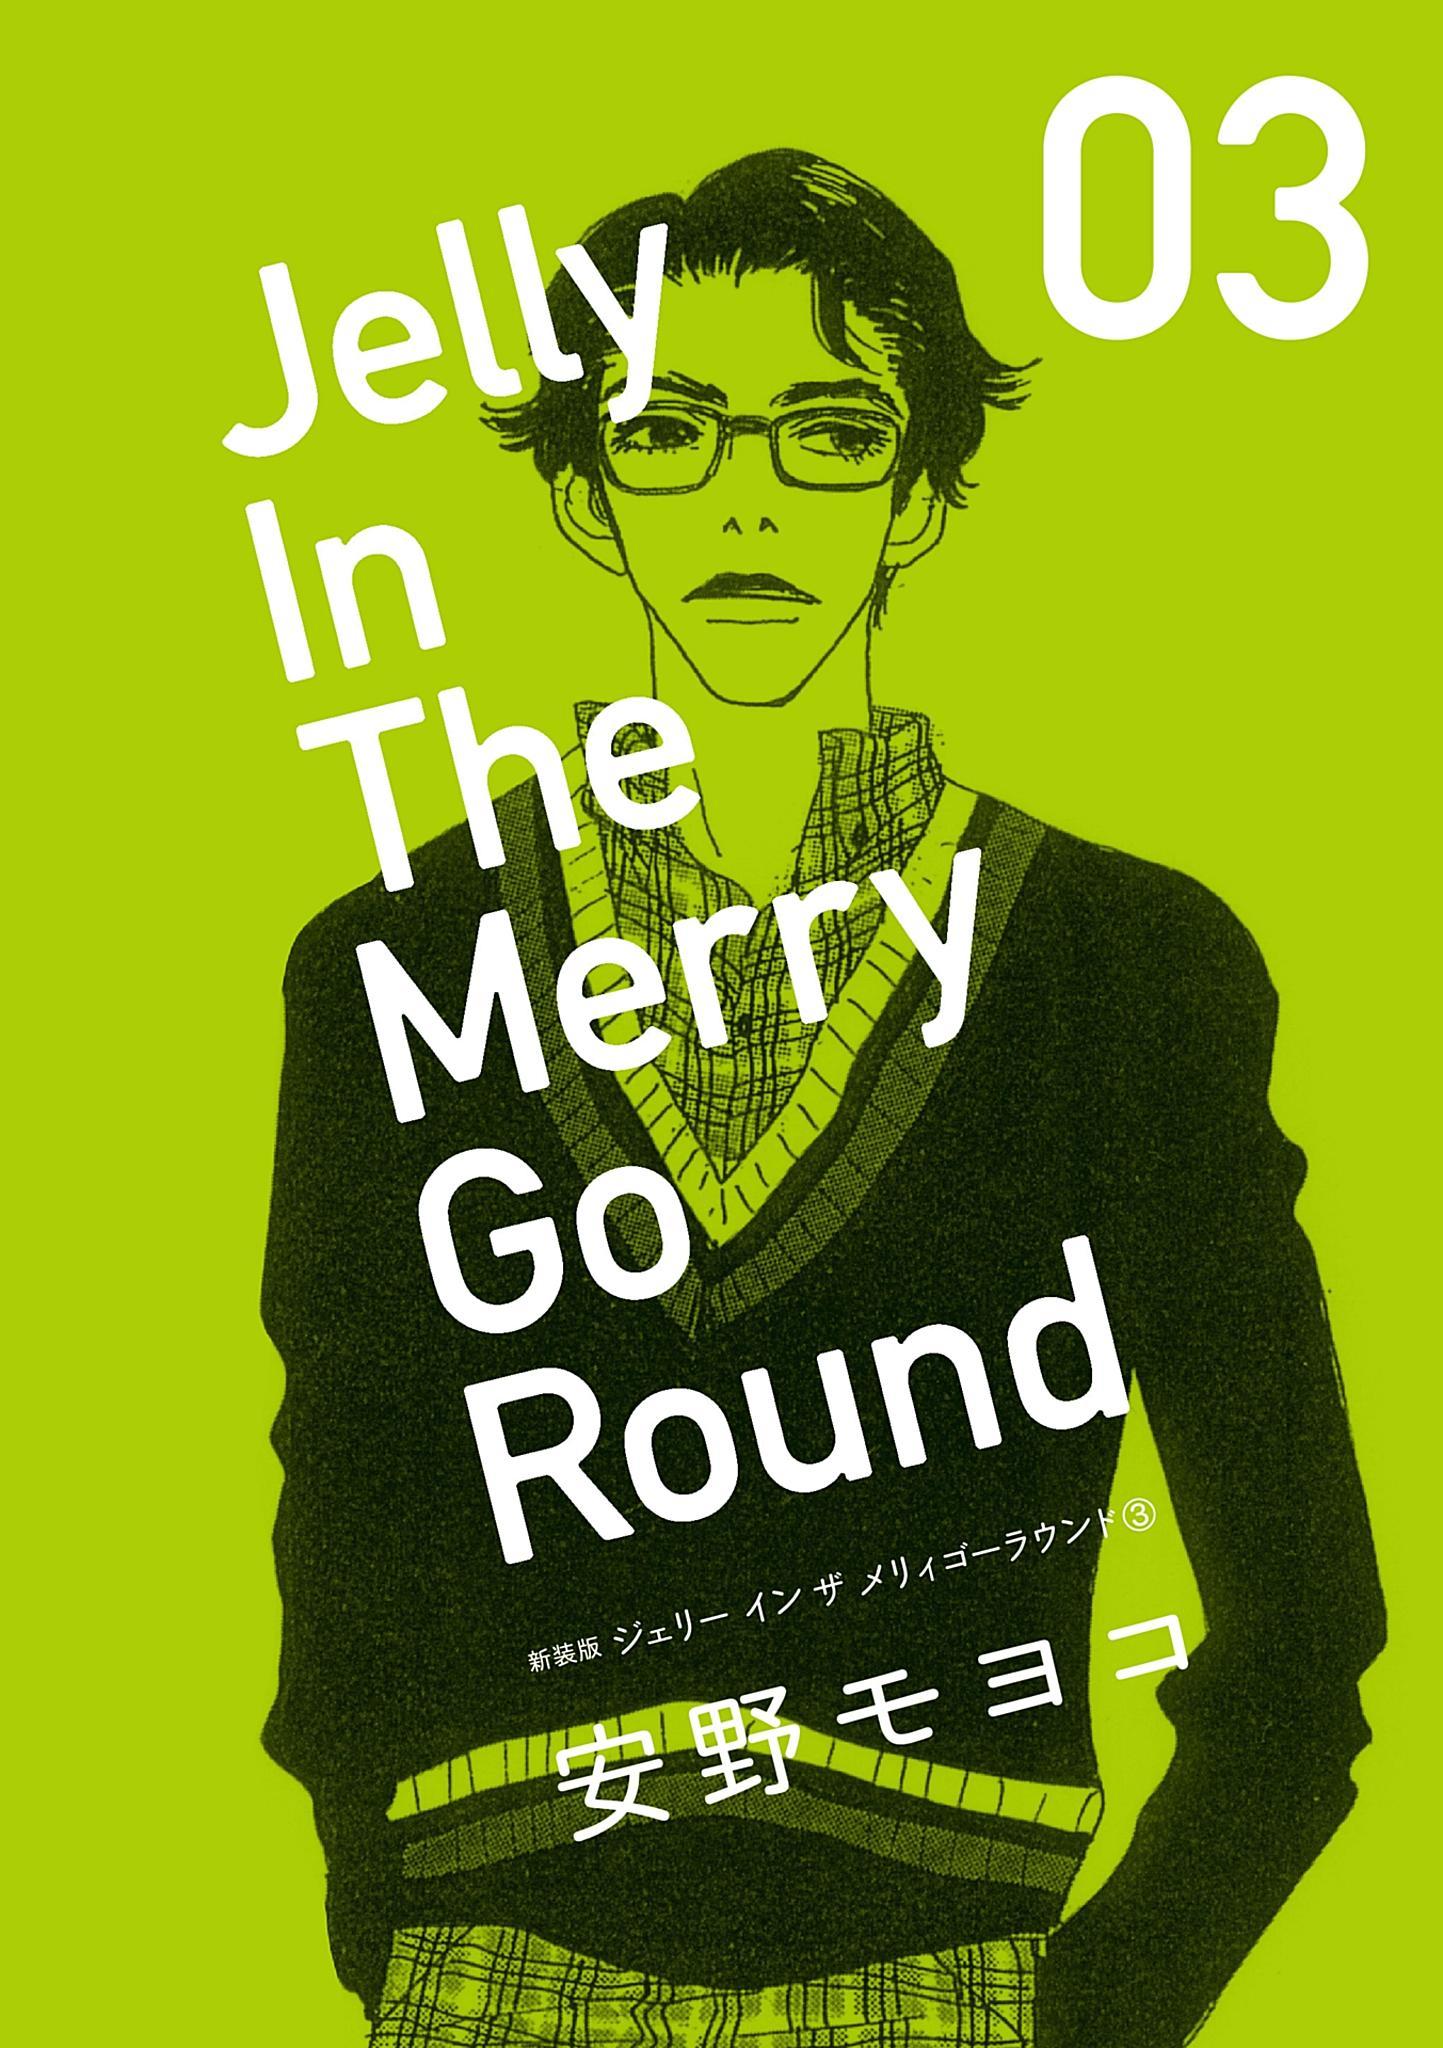 新装版 ジェリー イン ザ メリィゴーラウンド (3)